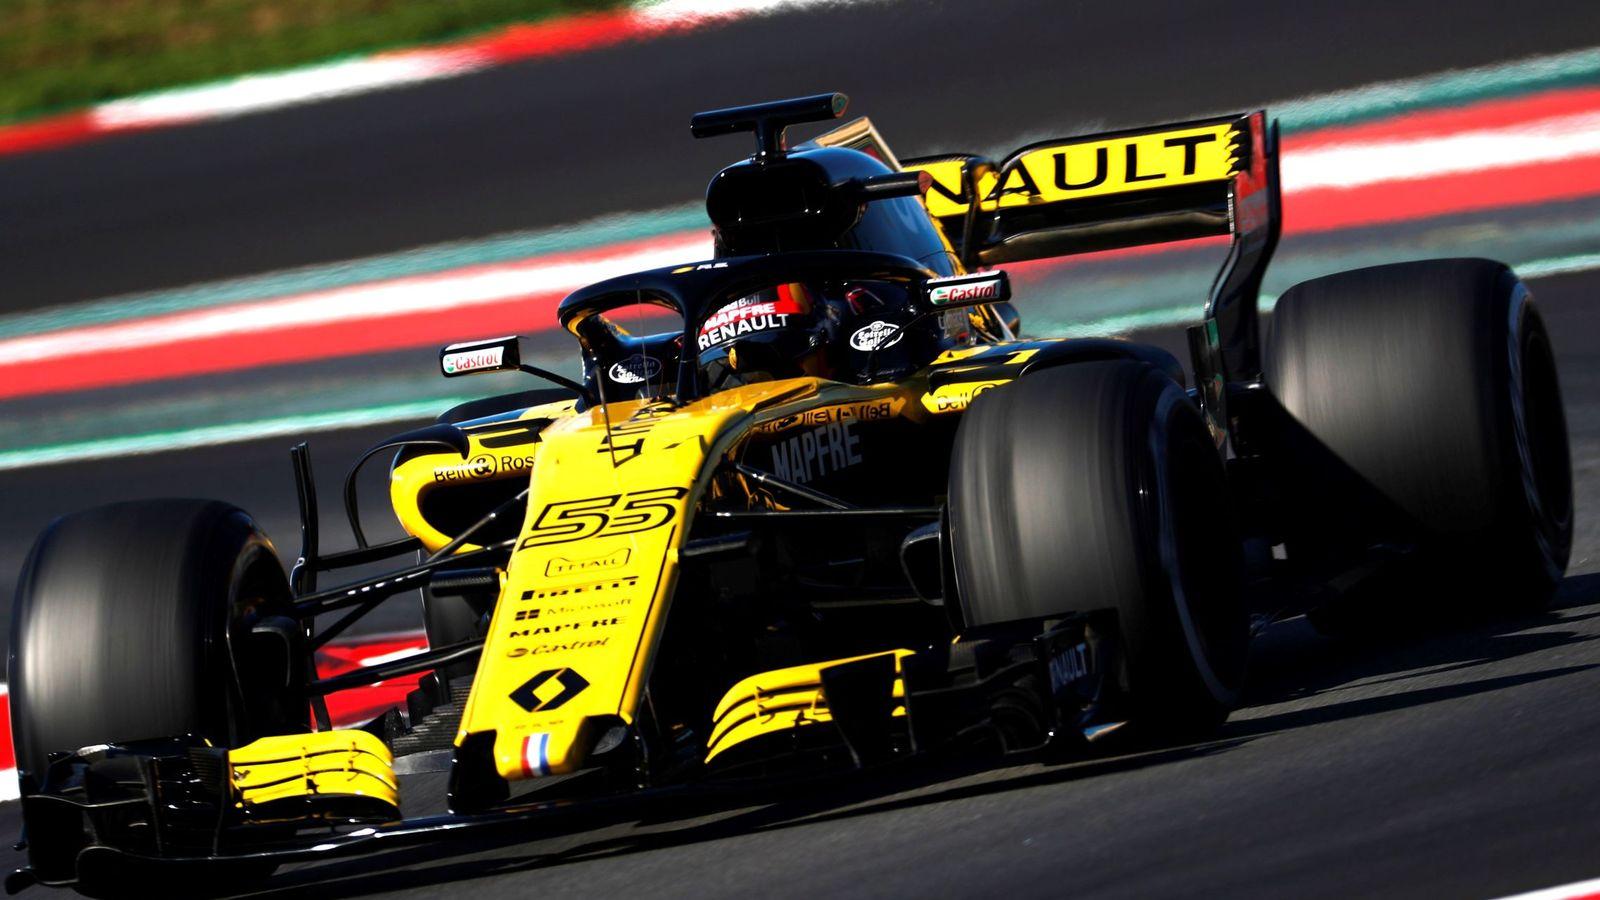 Foto: Carlos Sainz explica qué se siente al volante de los nuevos Fórmula 1. (EFE)